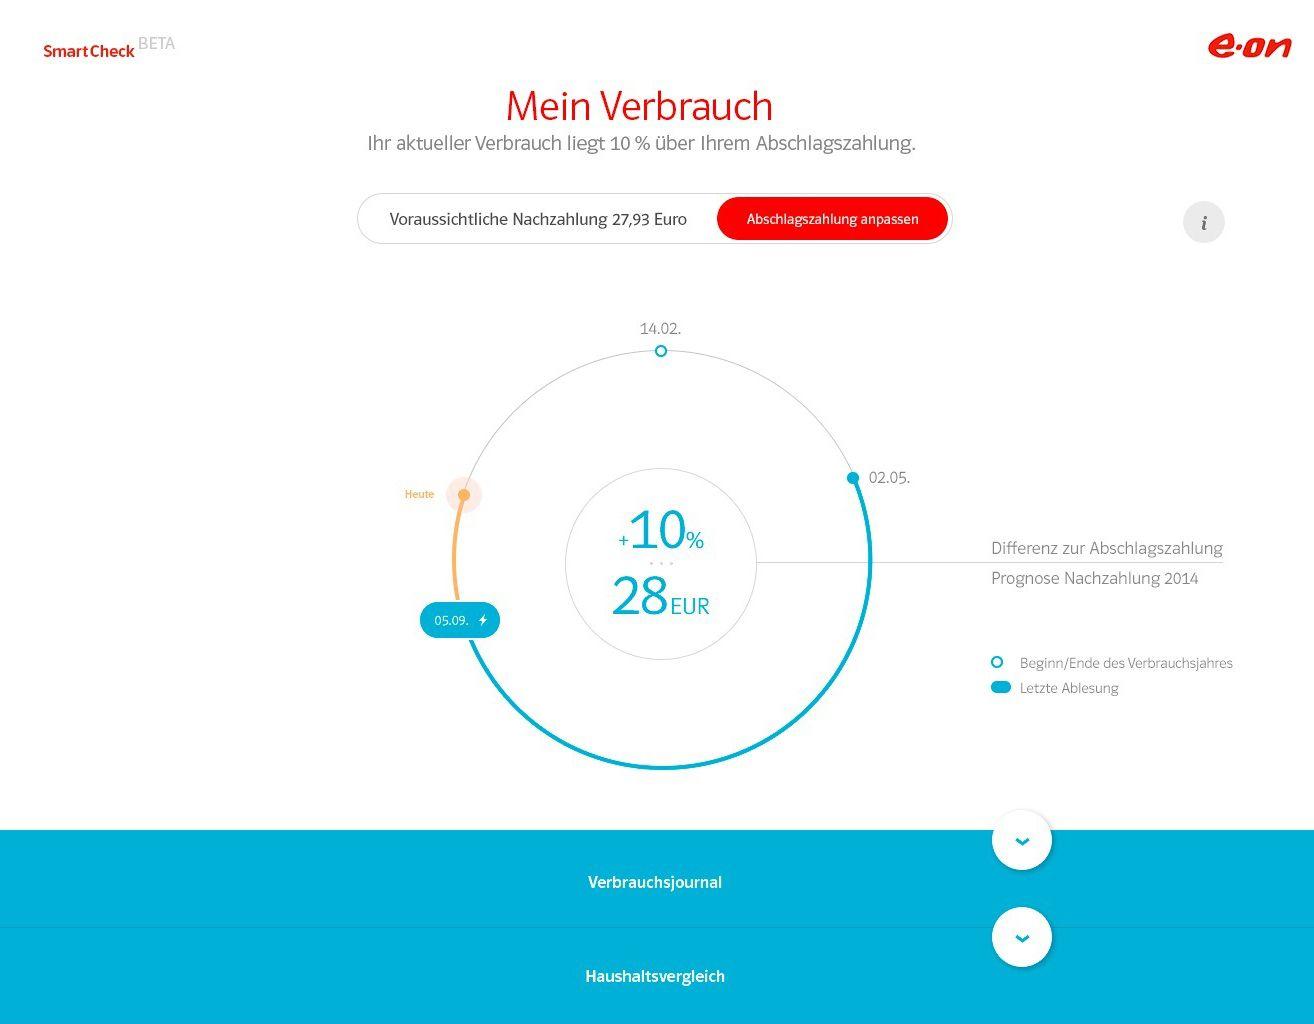 EINMALIGE VERWENDUNG EON SmartCheck / Mein Verbrauch